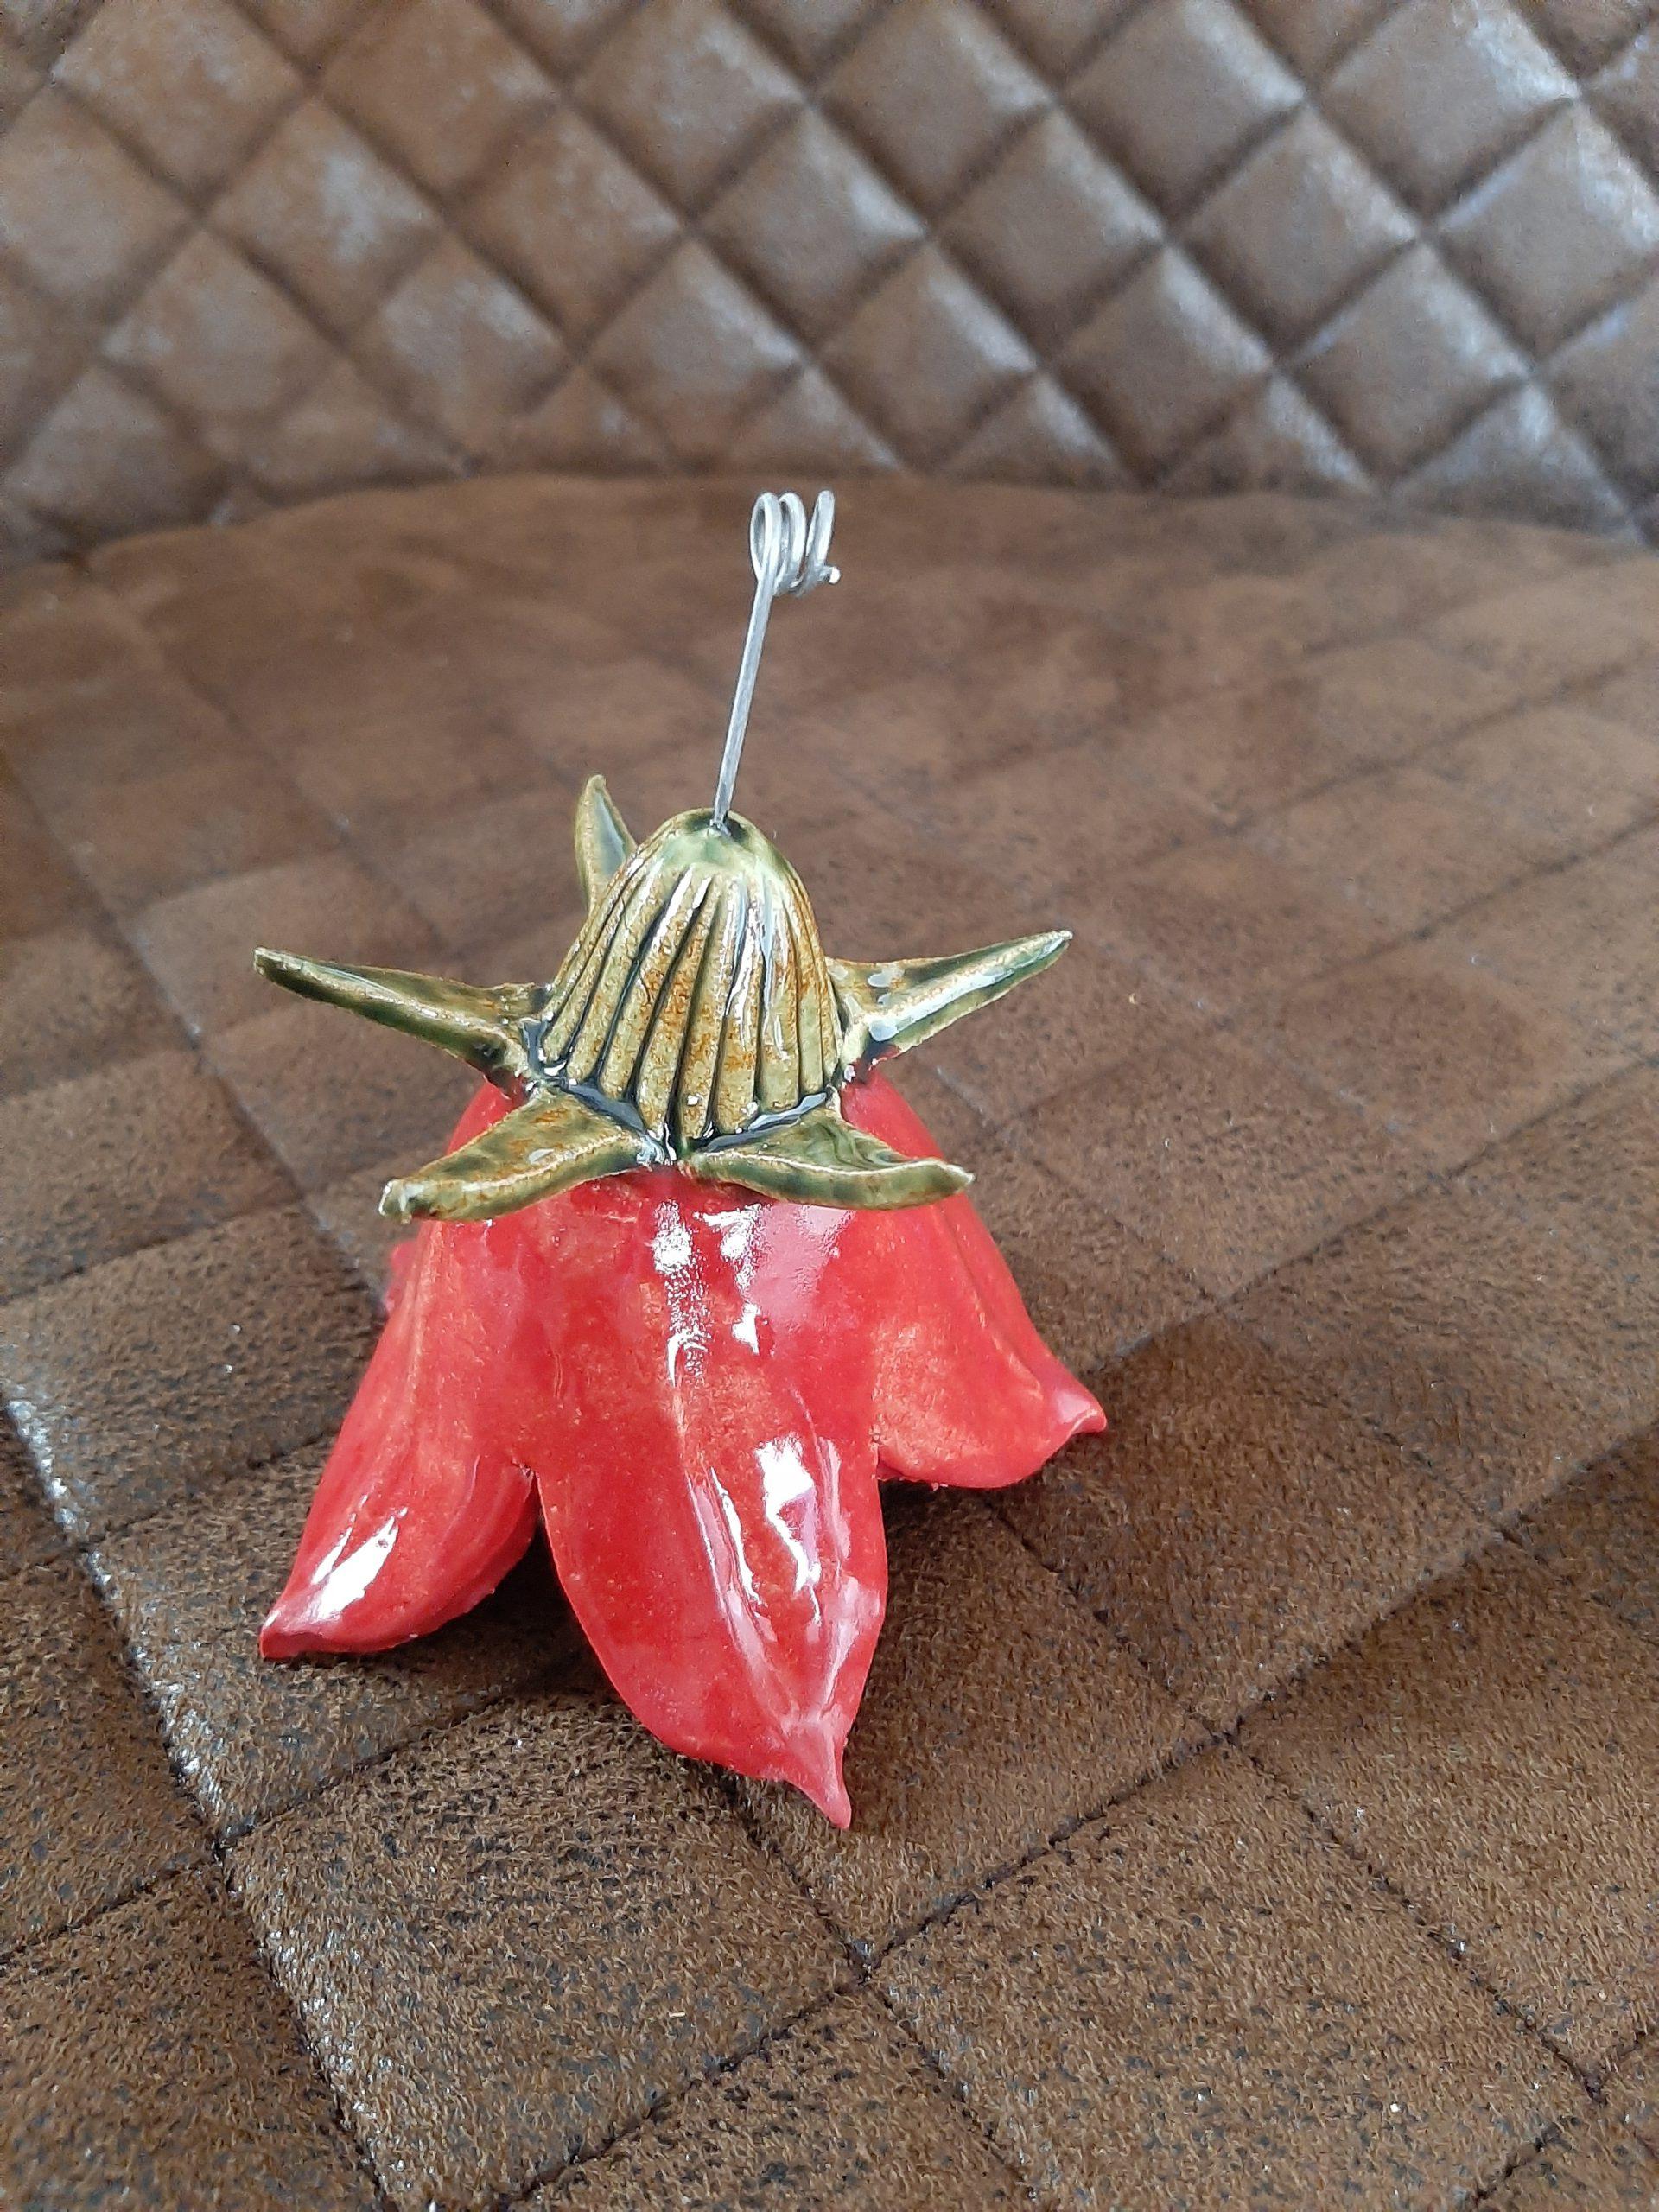 Blume, Glockenblume, Frühling, Handarbeit, individuelle Geschenke, Geschenke mit Herz, KeraMik von Herz zu Herz, Augsburg nahe dem Dom, Kunst aus Ton, Keramik in Szene gesetzt